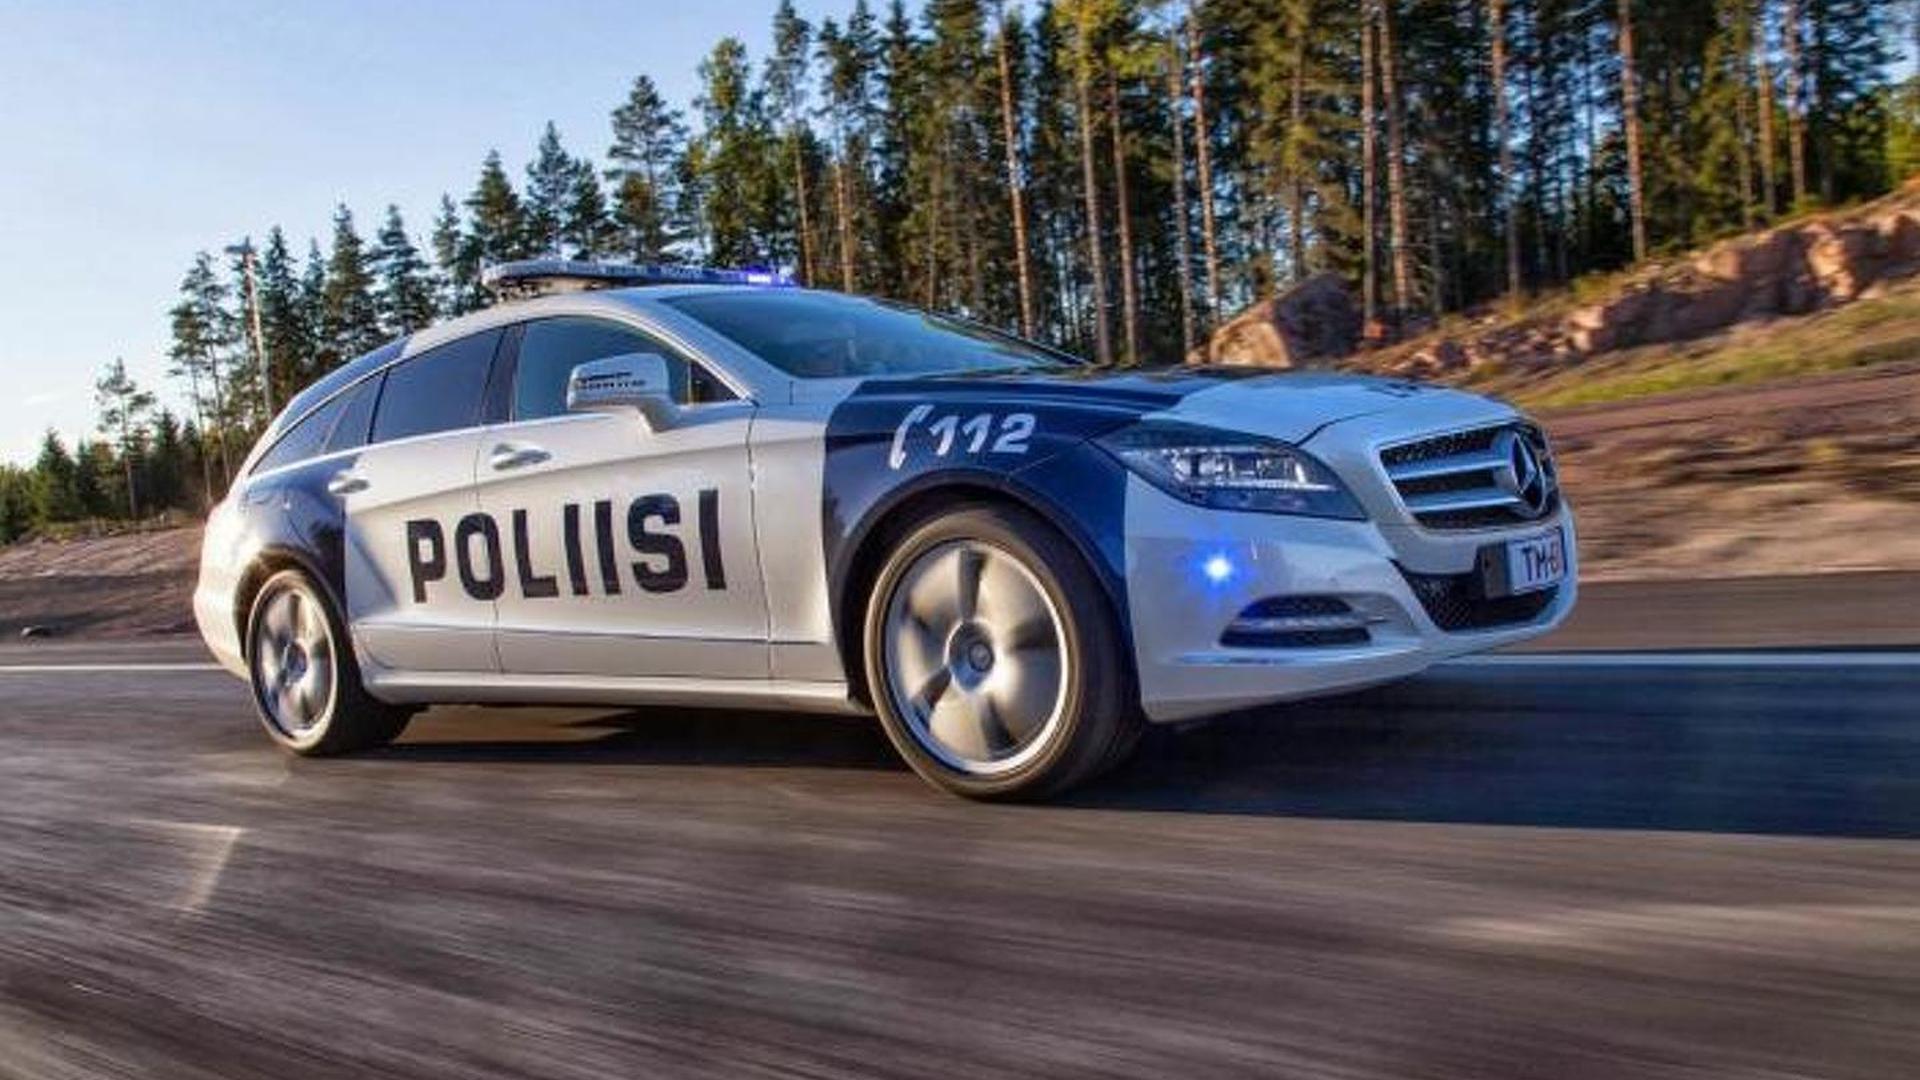 В Финляндии начинают штрафовать за превышение скорости в 7 км ч    Петрозаводск ГОВОРИТ   Газета